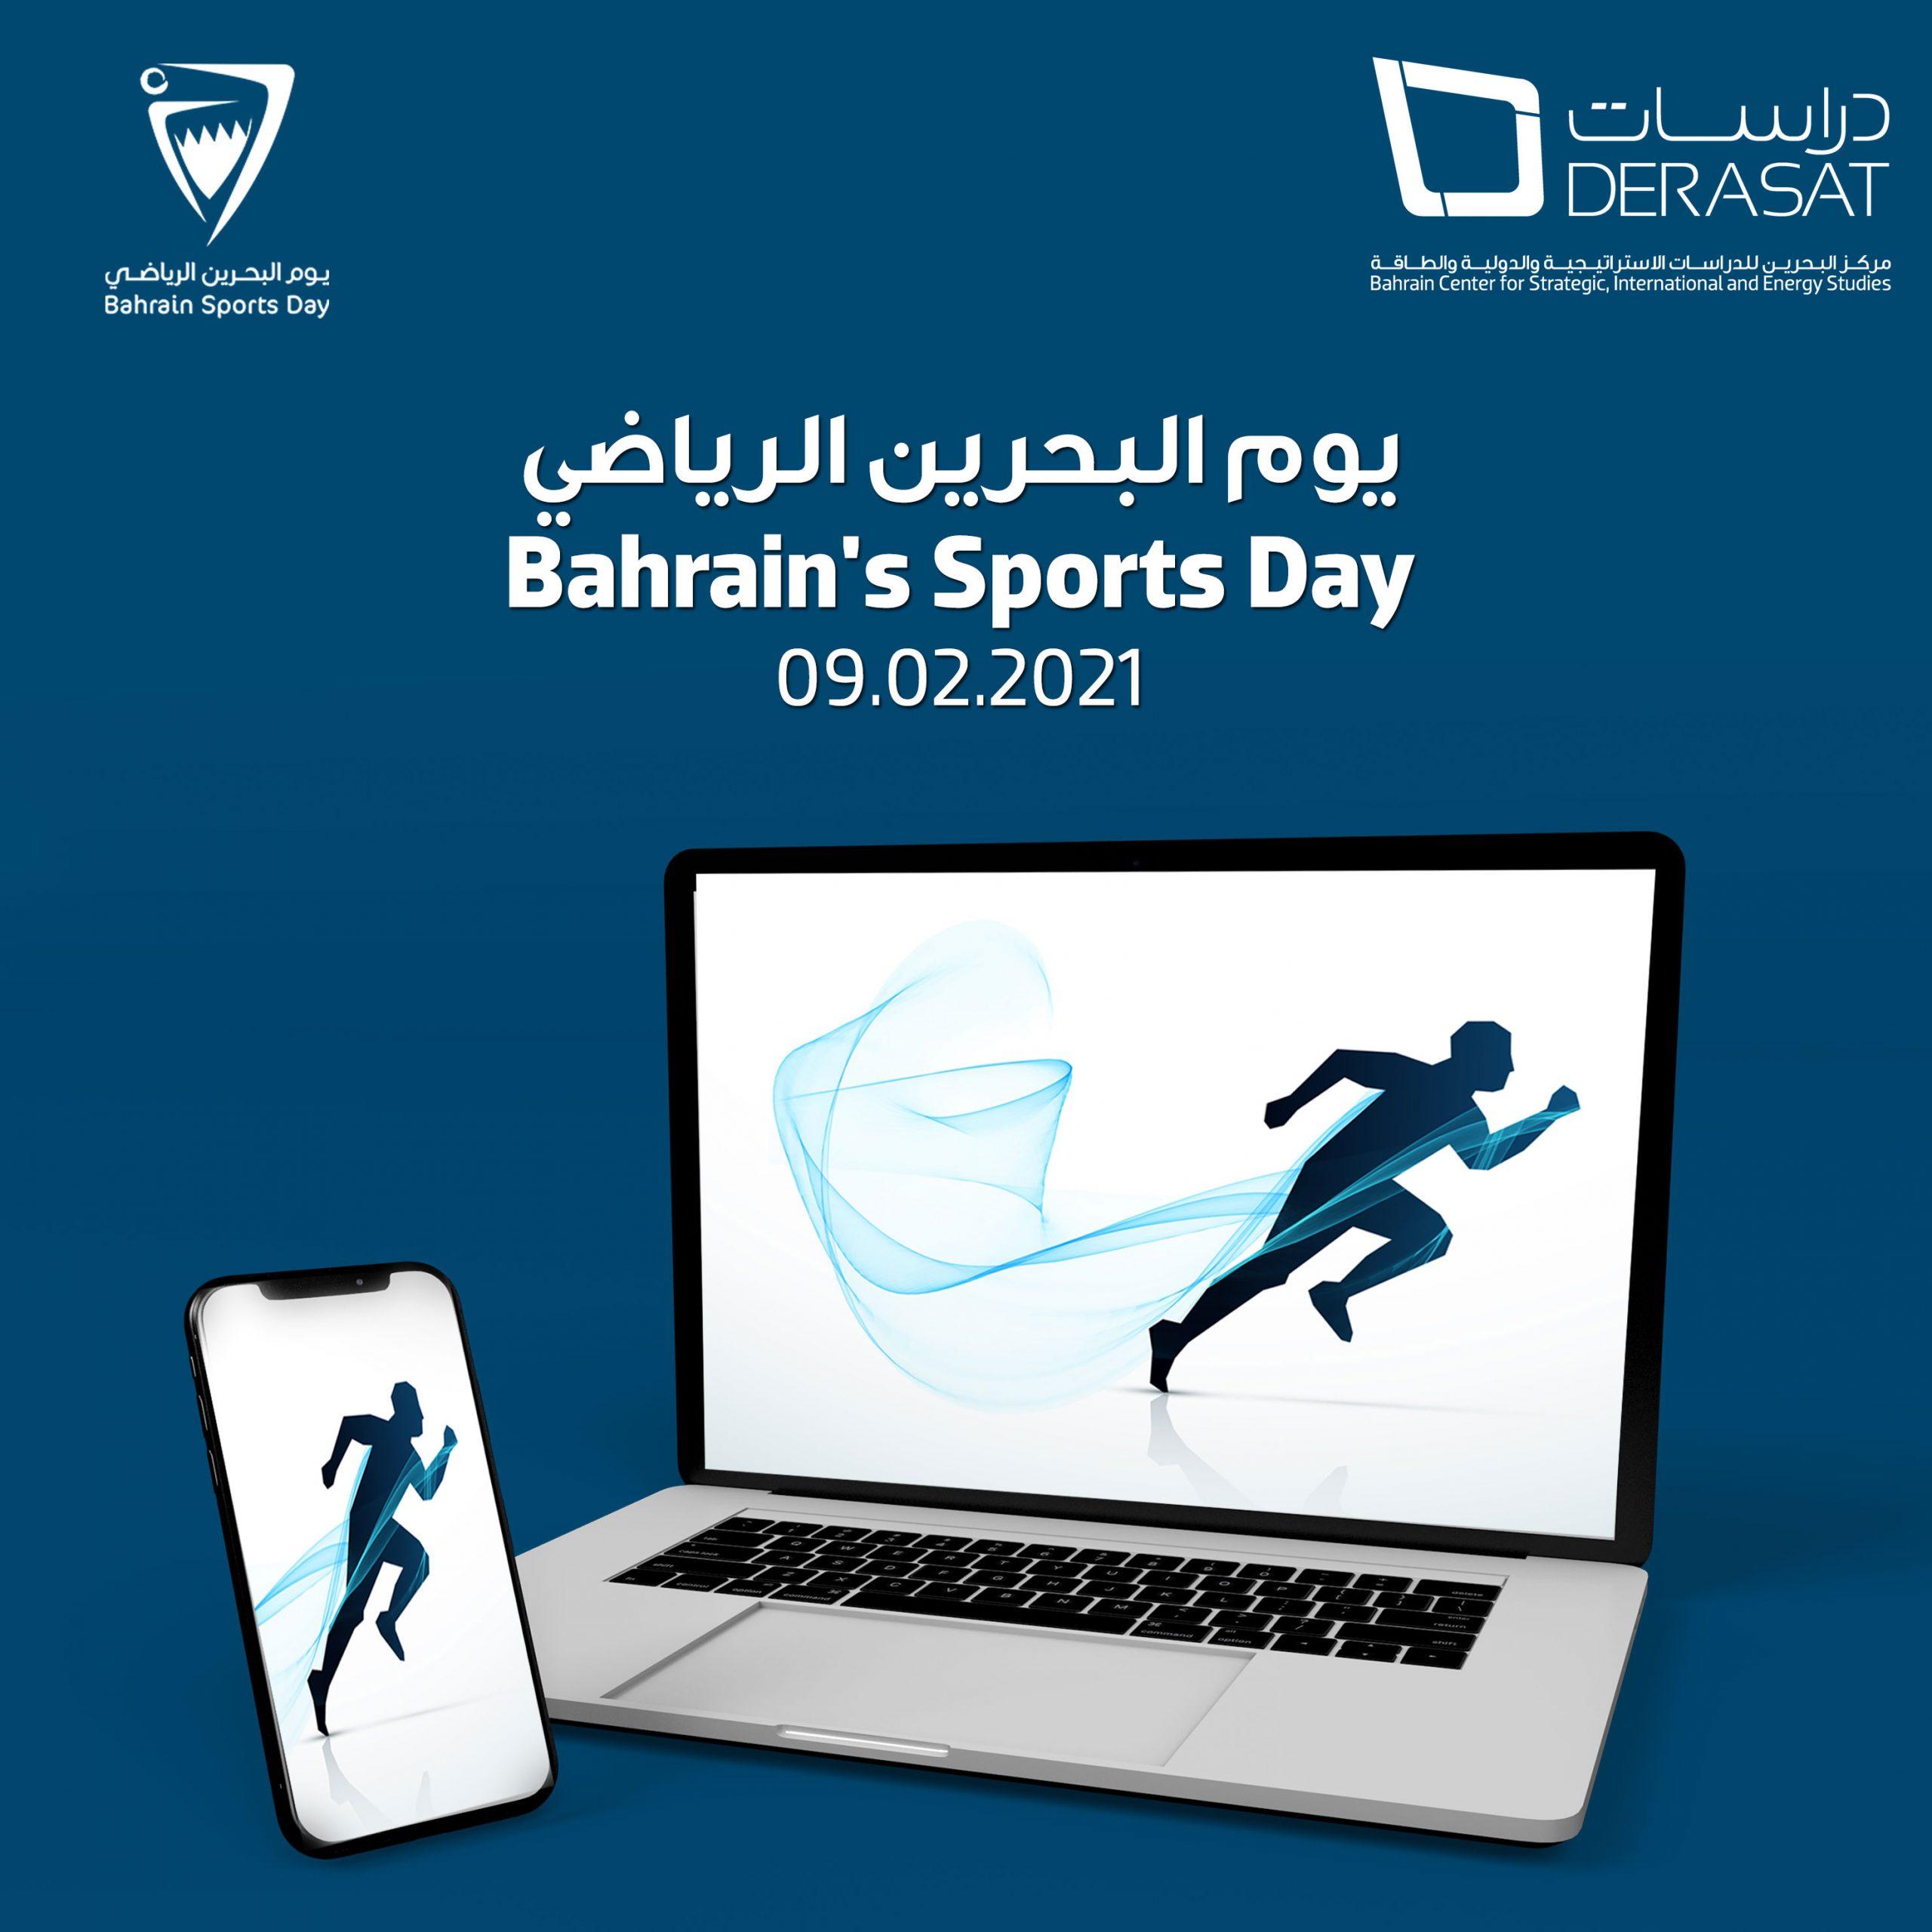 """""""دراسات"""" يحتفي باليوم الرياضي البحريني"""